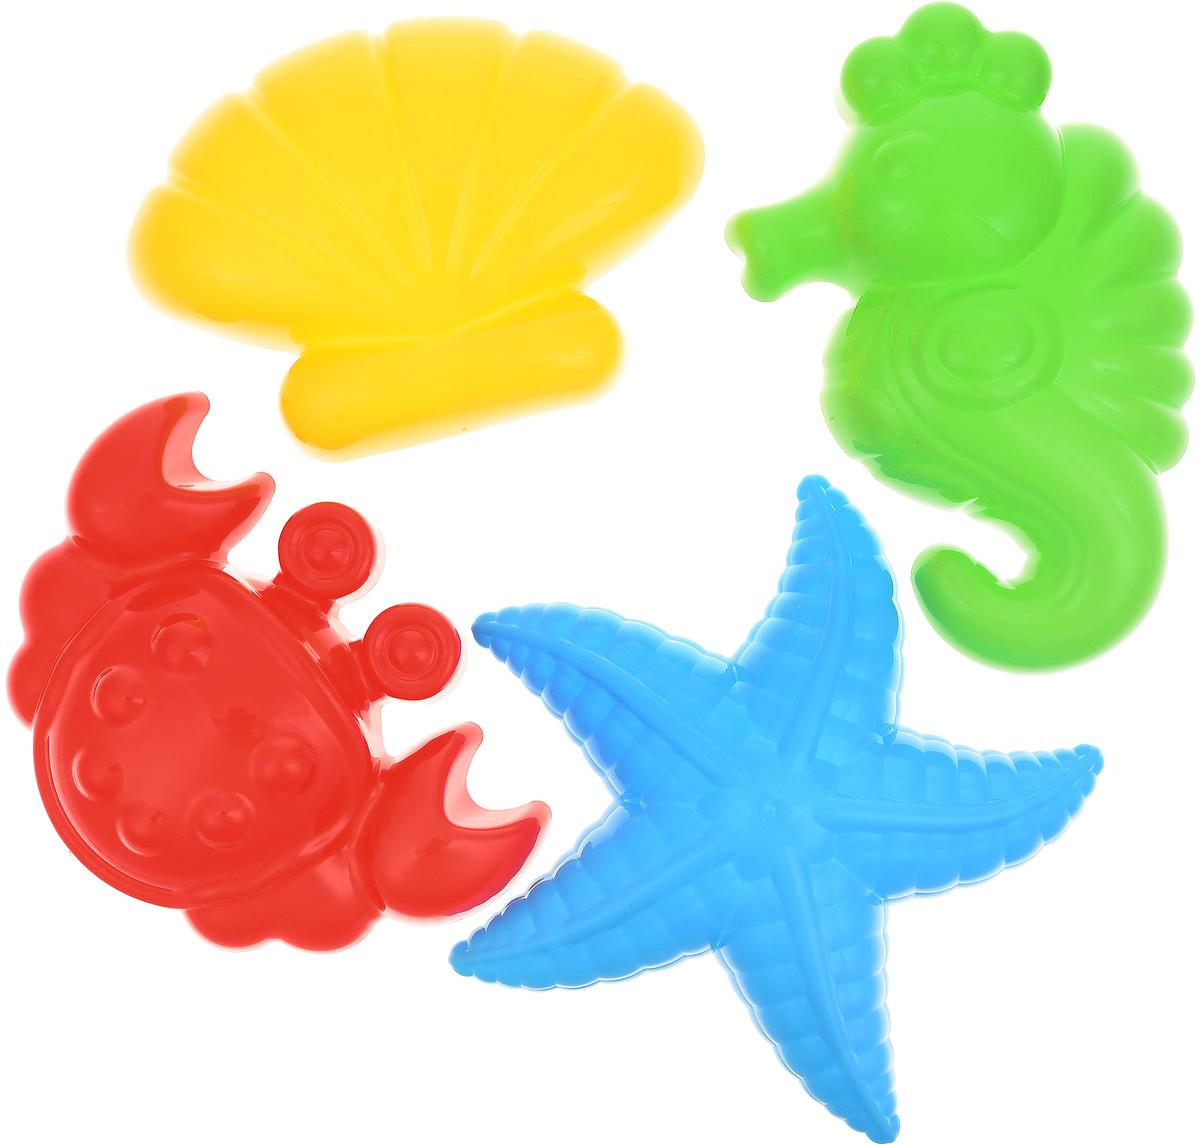 Полесье Игрушка для песочницы Формочки 4 шт 53831, цвет в ассортименте  #1